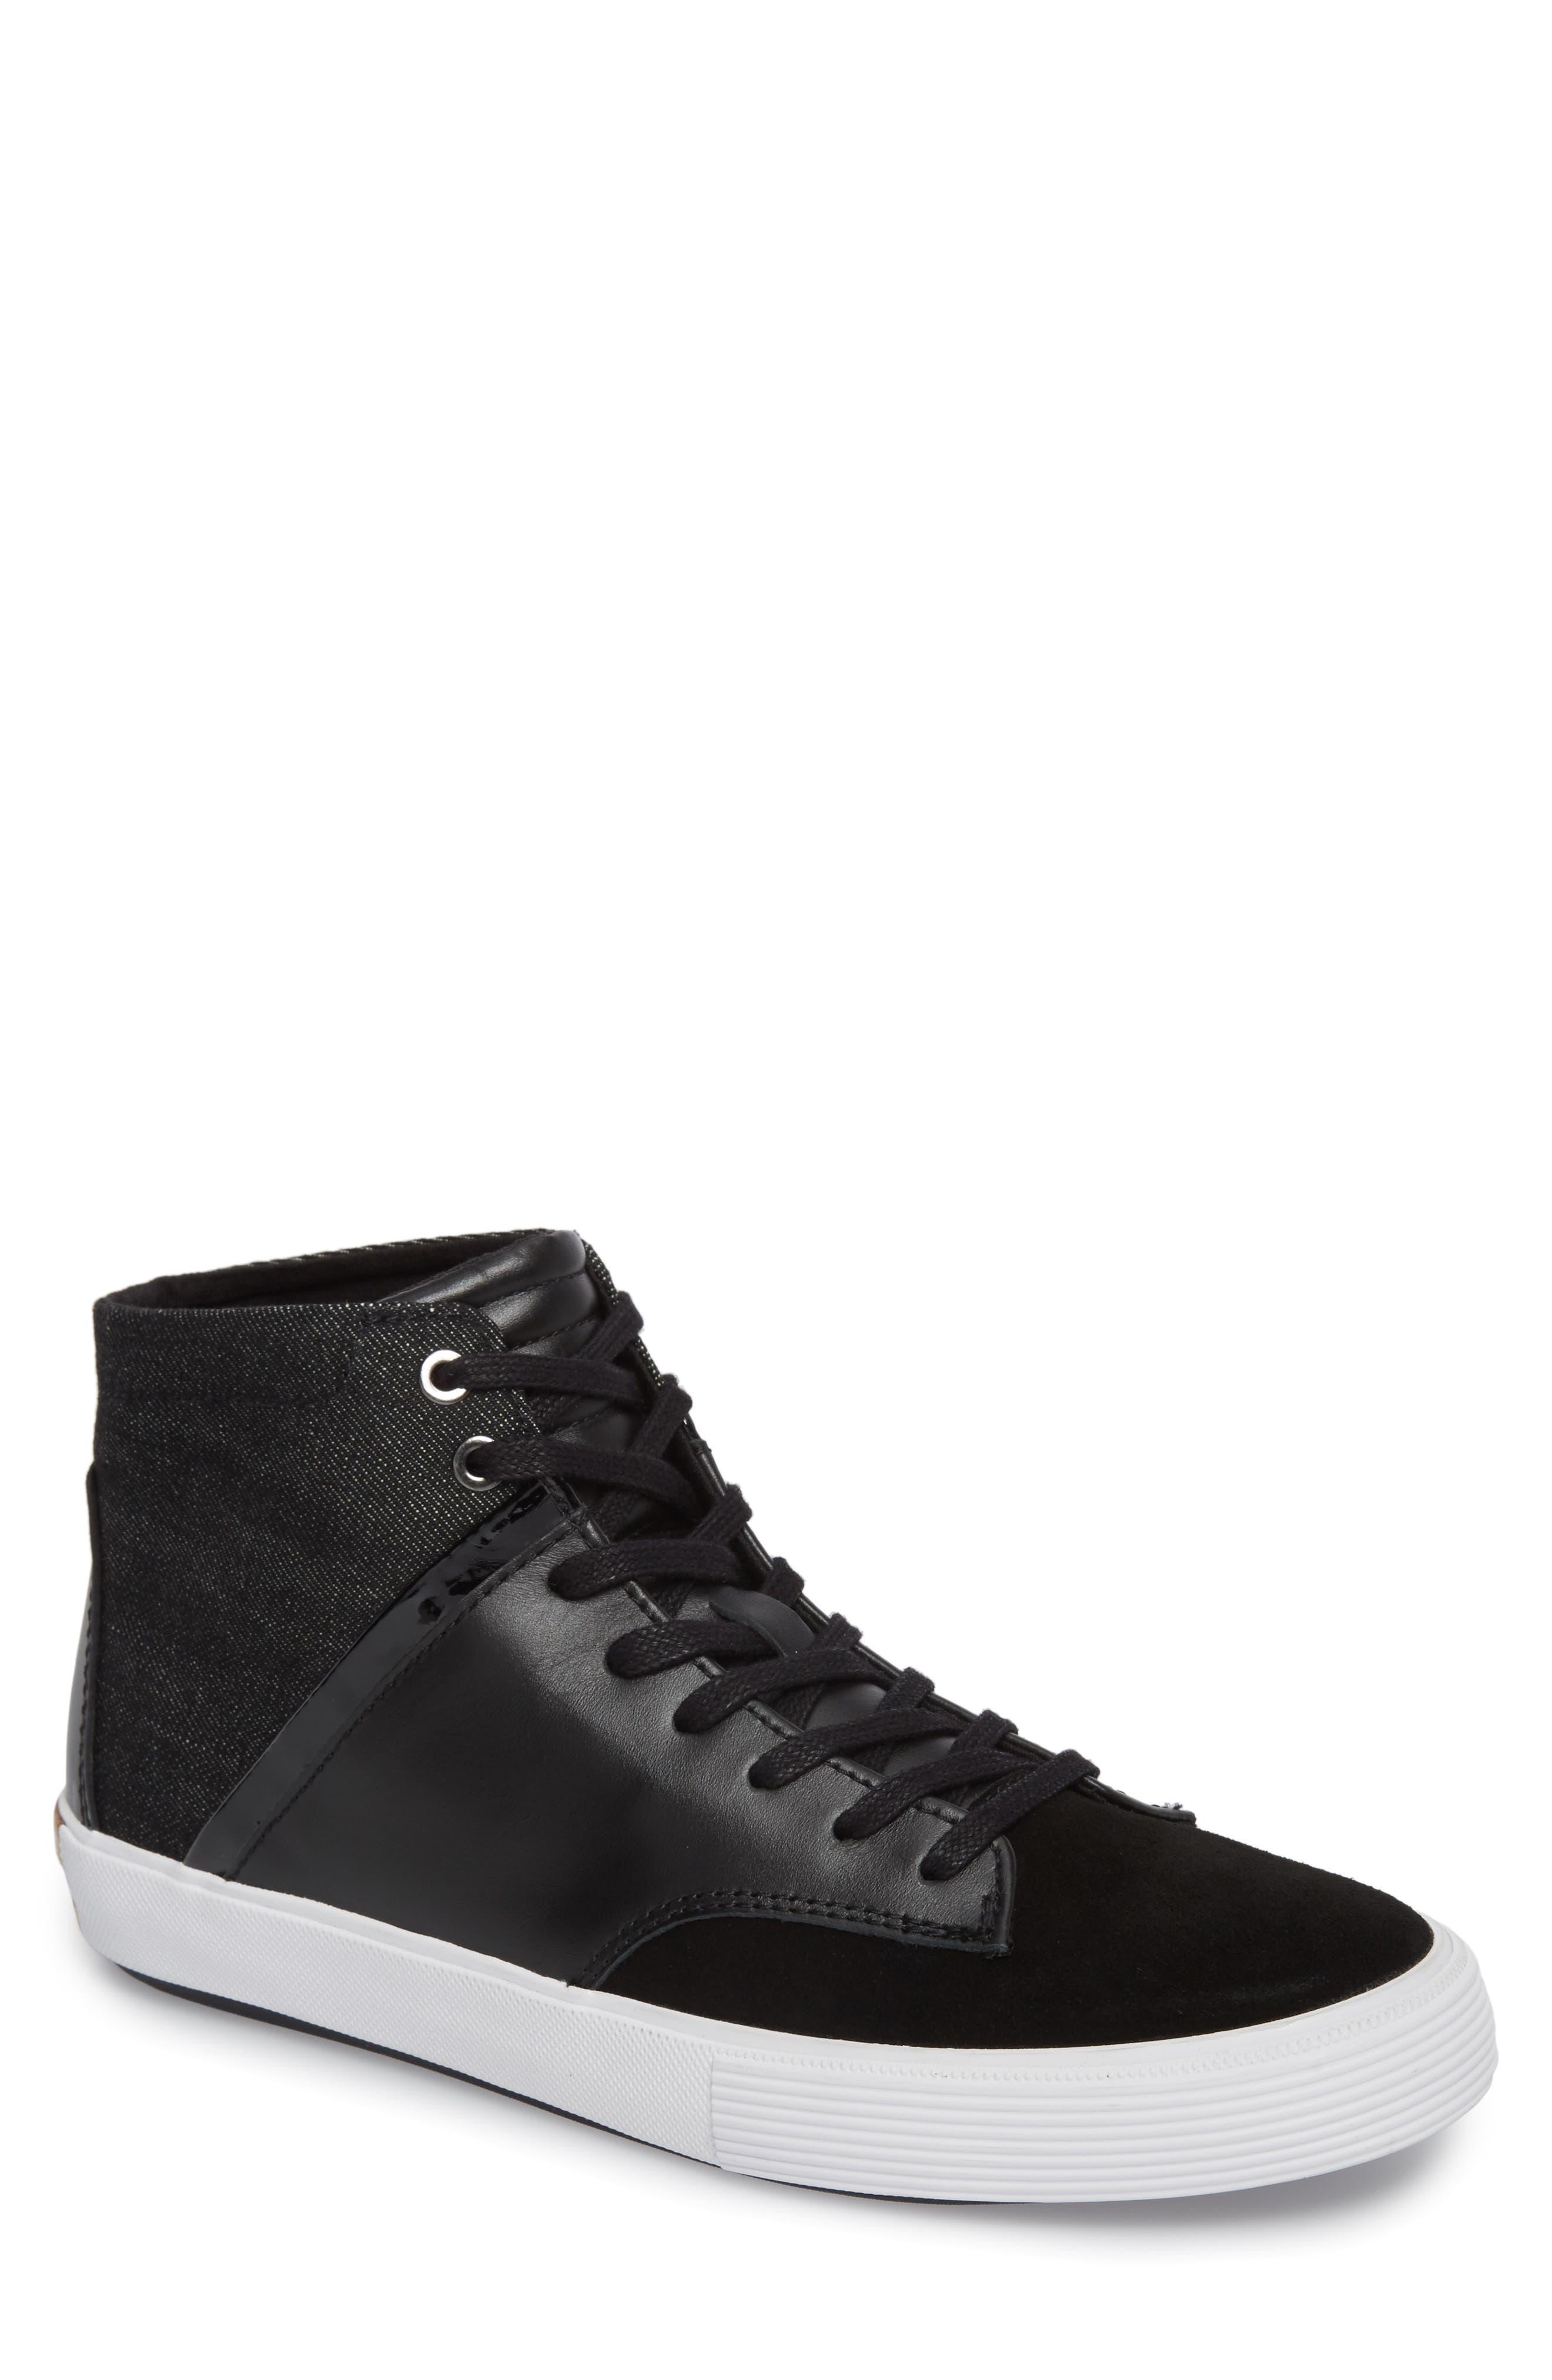 Joe Mac High Top Sneaker,                         Main,                         color, 001